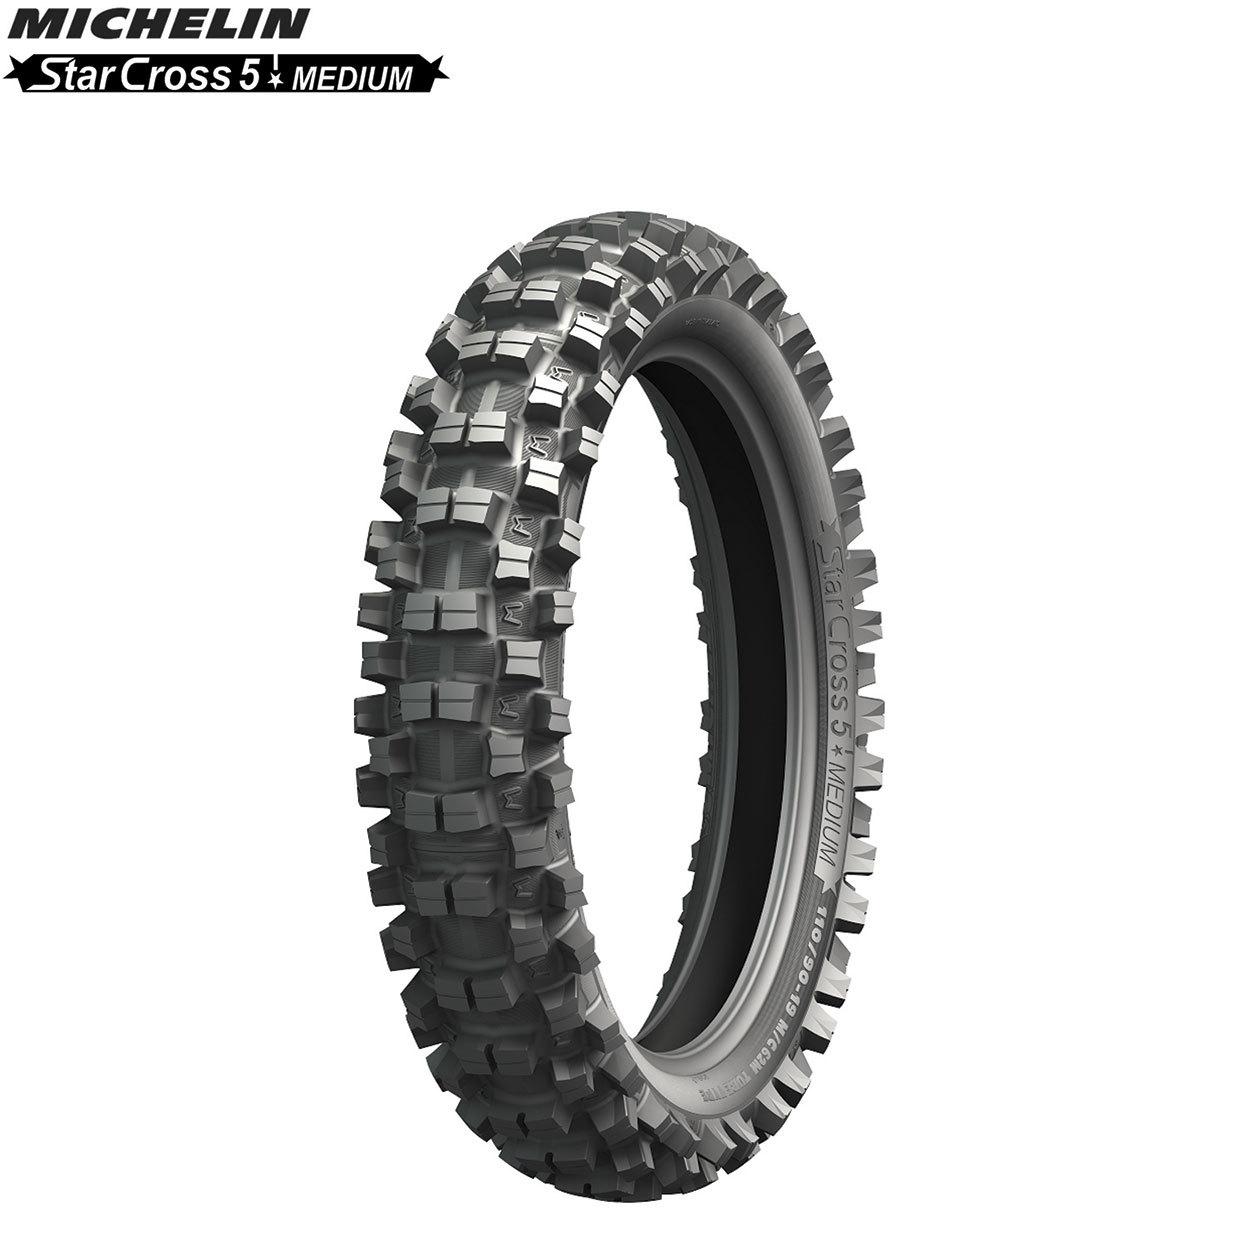 Michelin Starcross V Medium 110 90 19